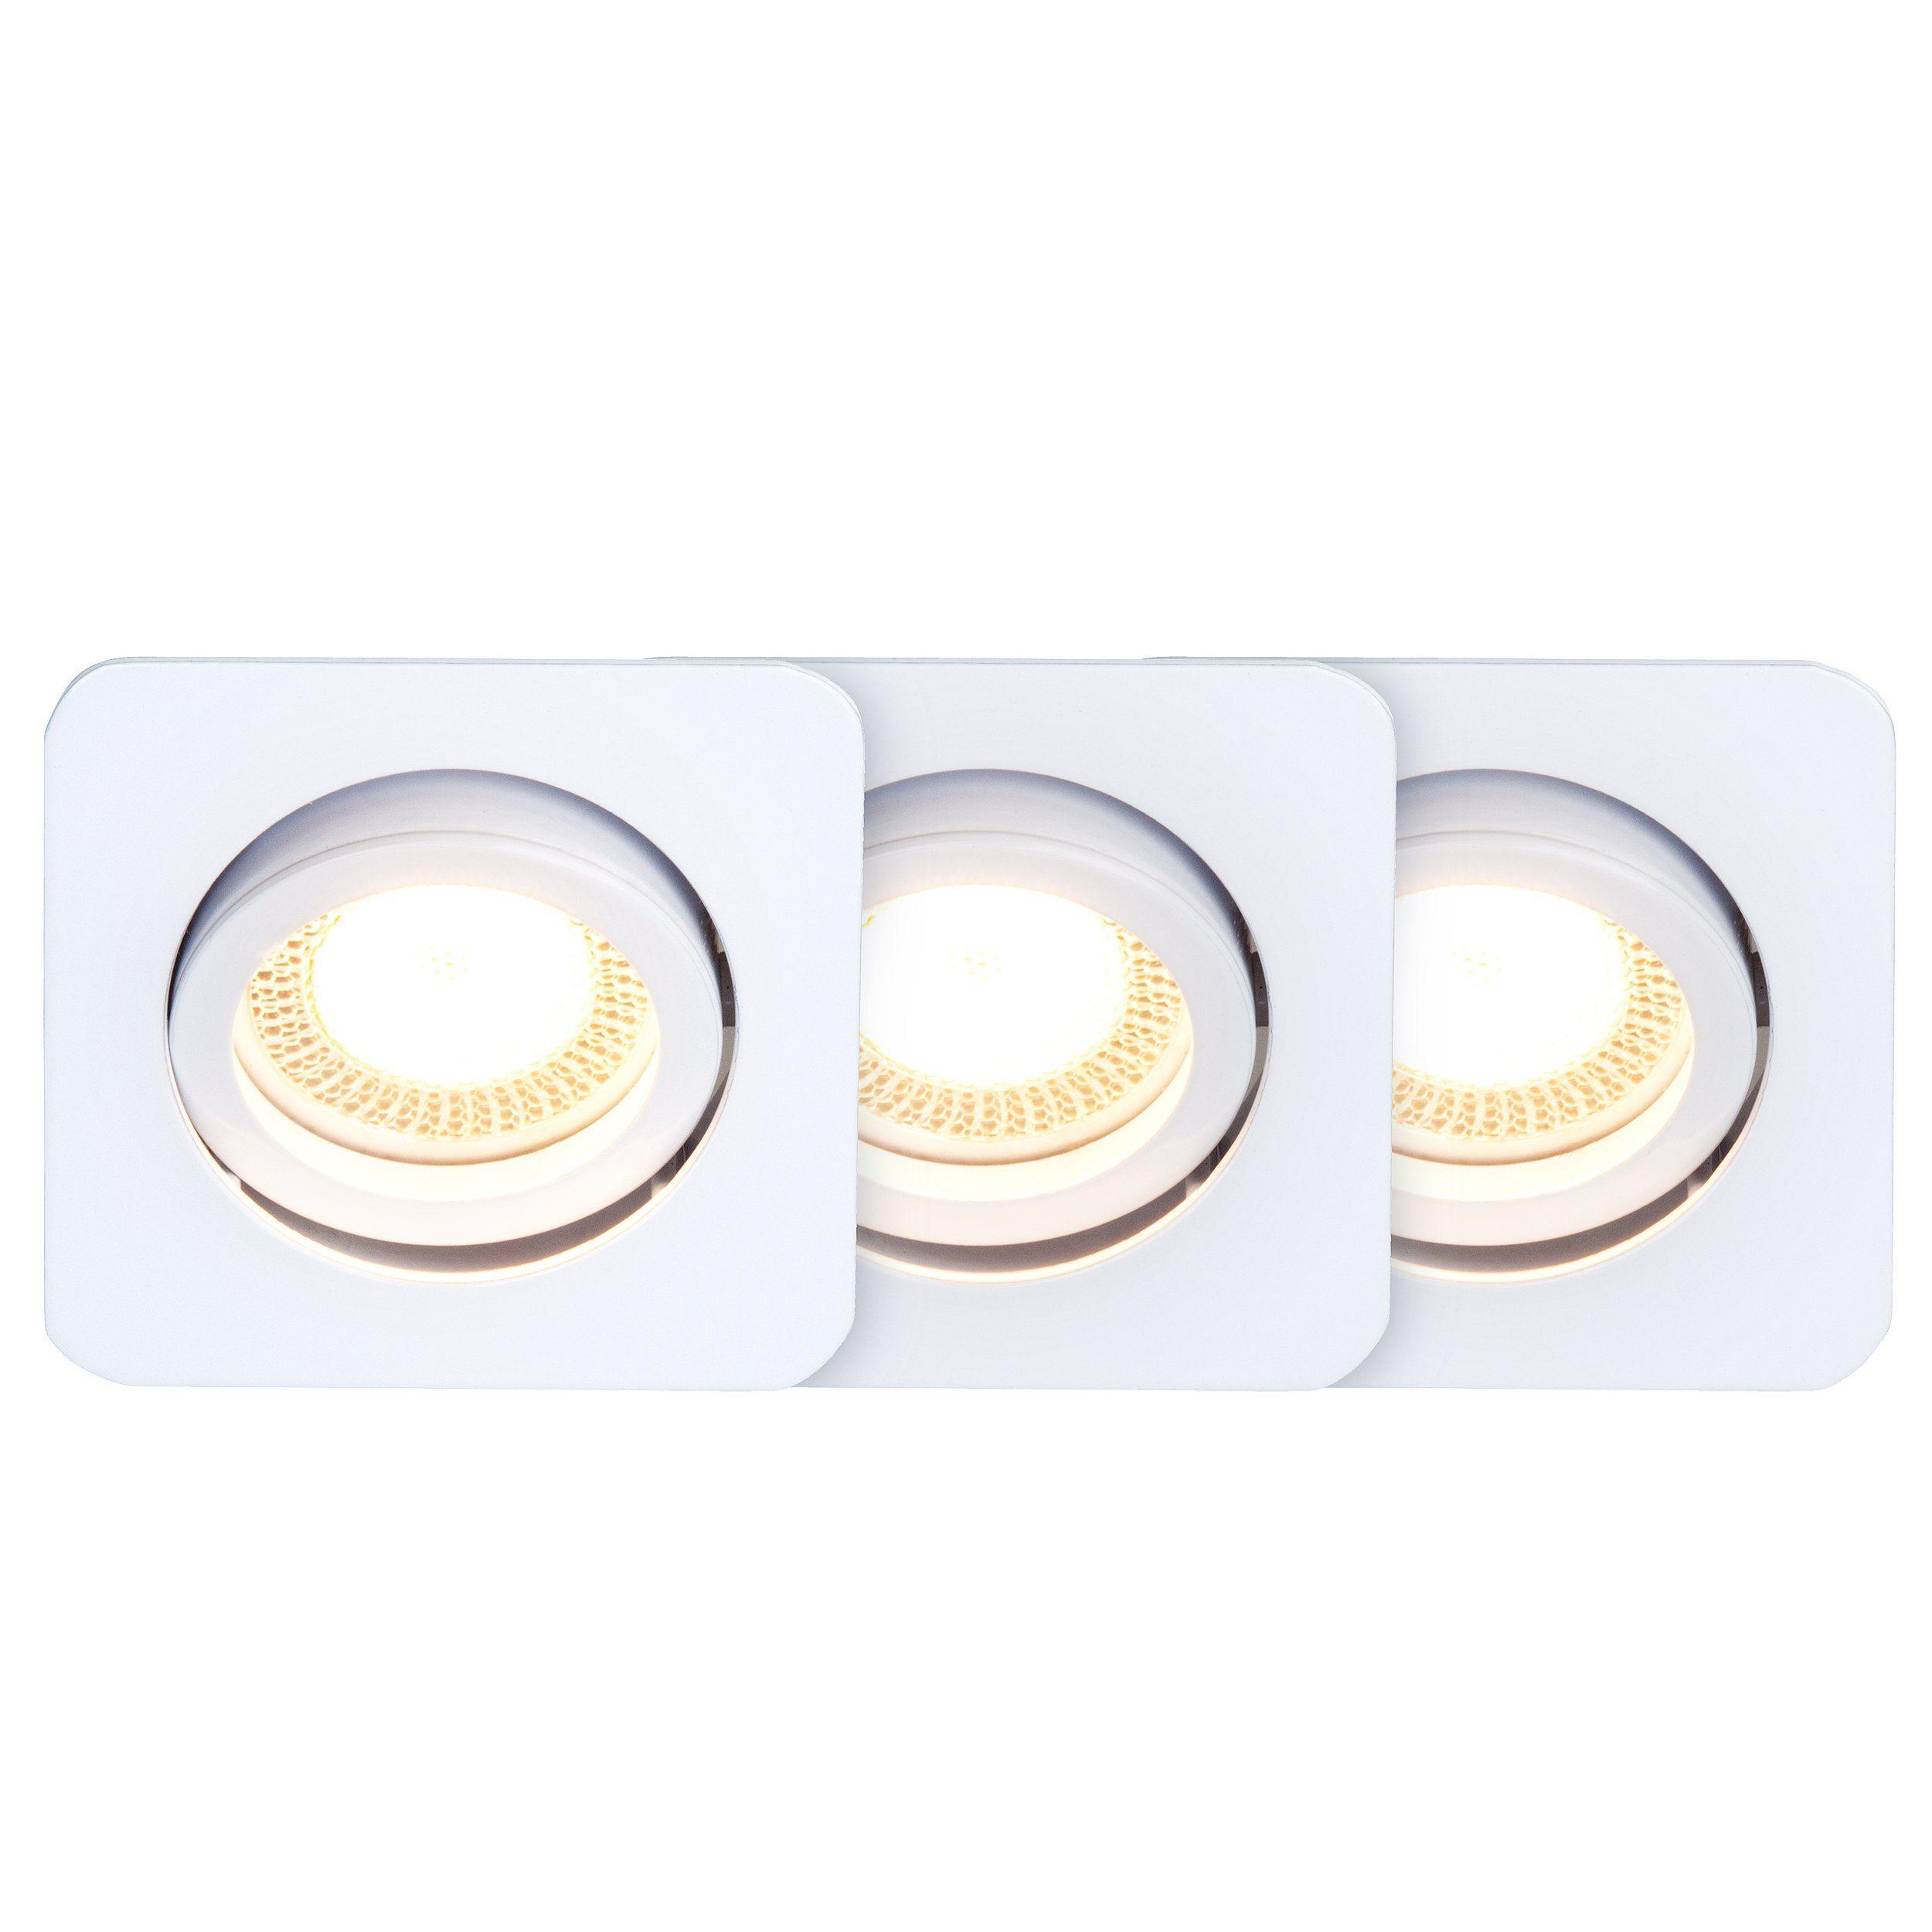 Brilliant Leuchten Easy Clip LED Einbauleuchtenset: 3St schwenkbar weiß IP23 quadr.